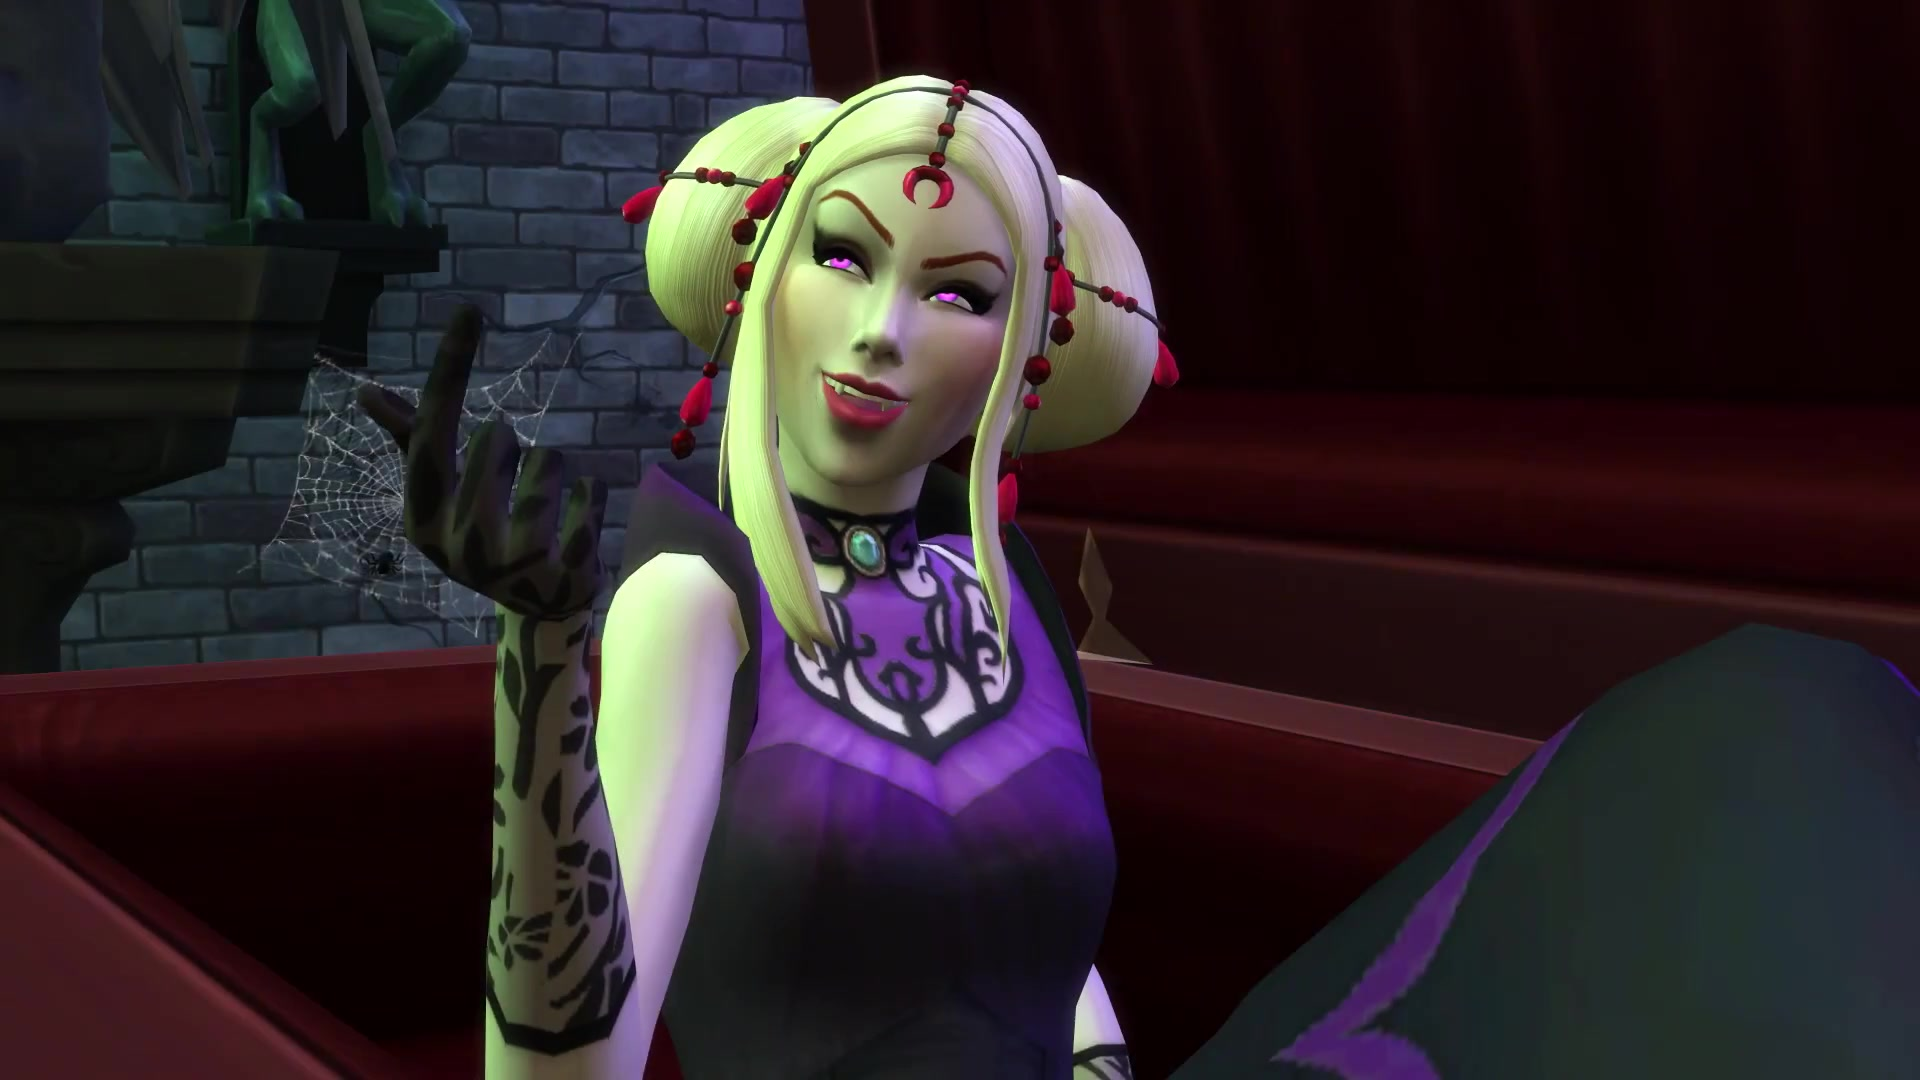 Sims 4 maxi dress next